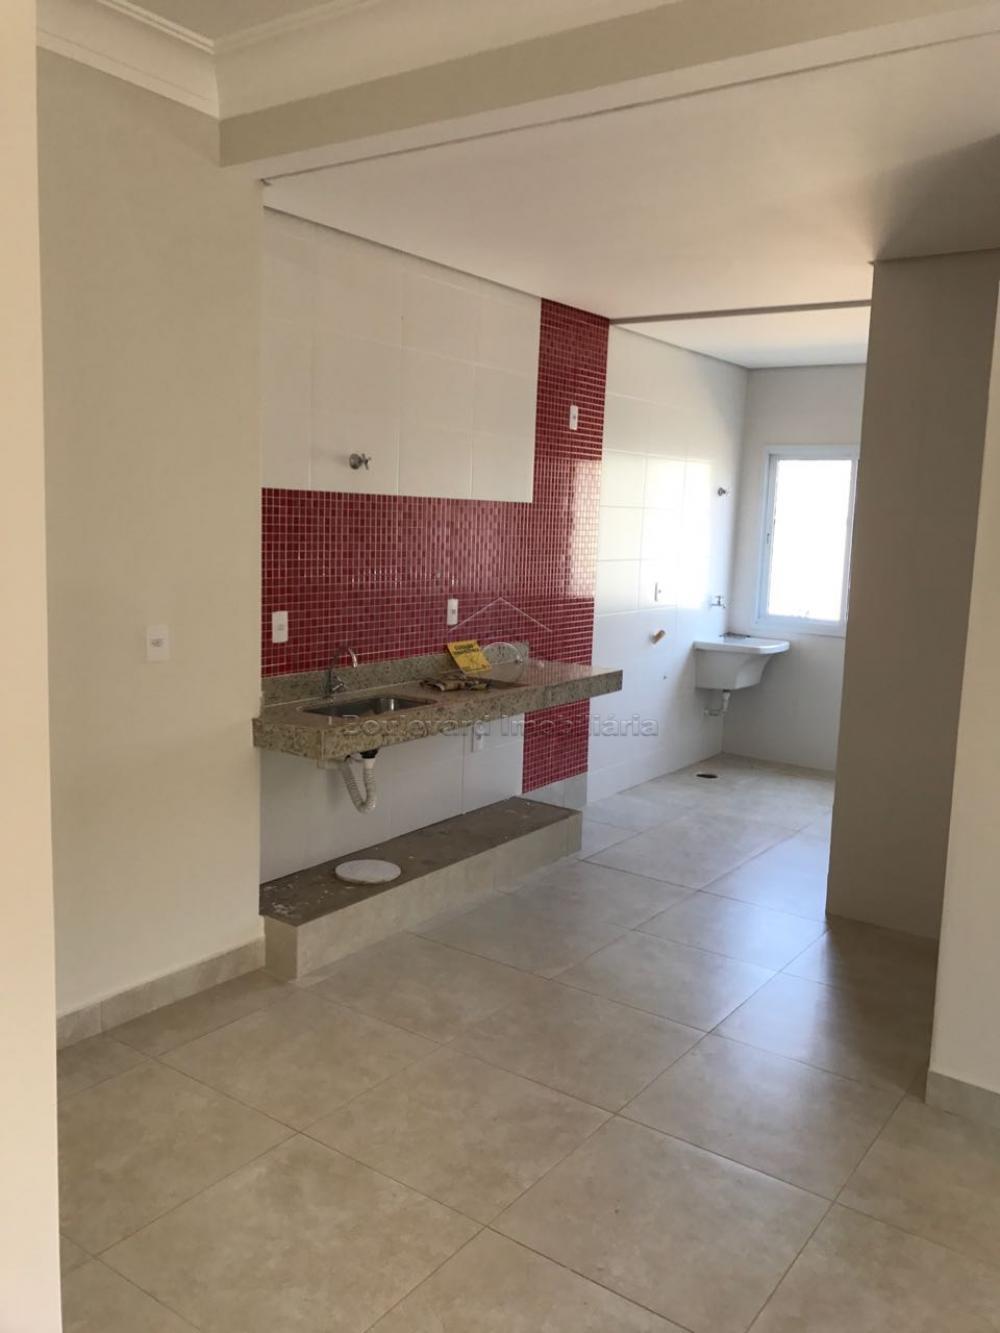 Comprar Apartamento / Padrão em Ribeirão Preto R$ 210.000,00 - Foto 10